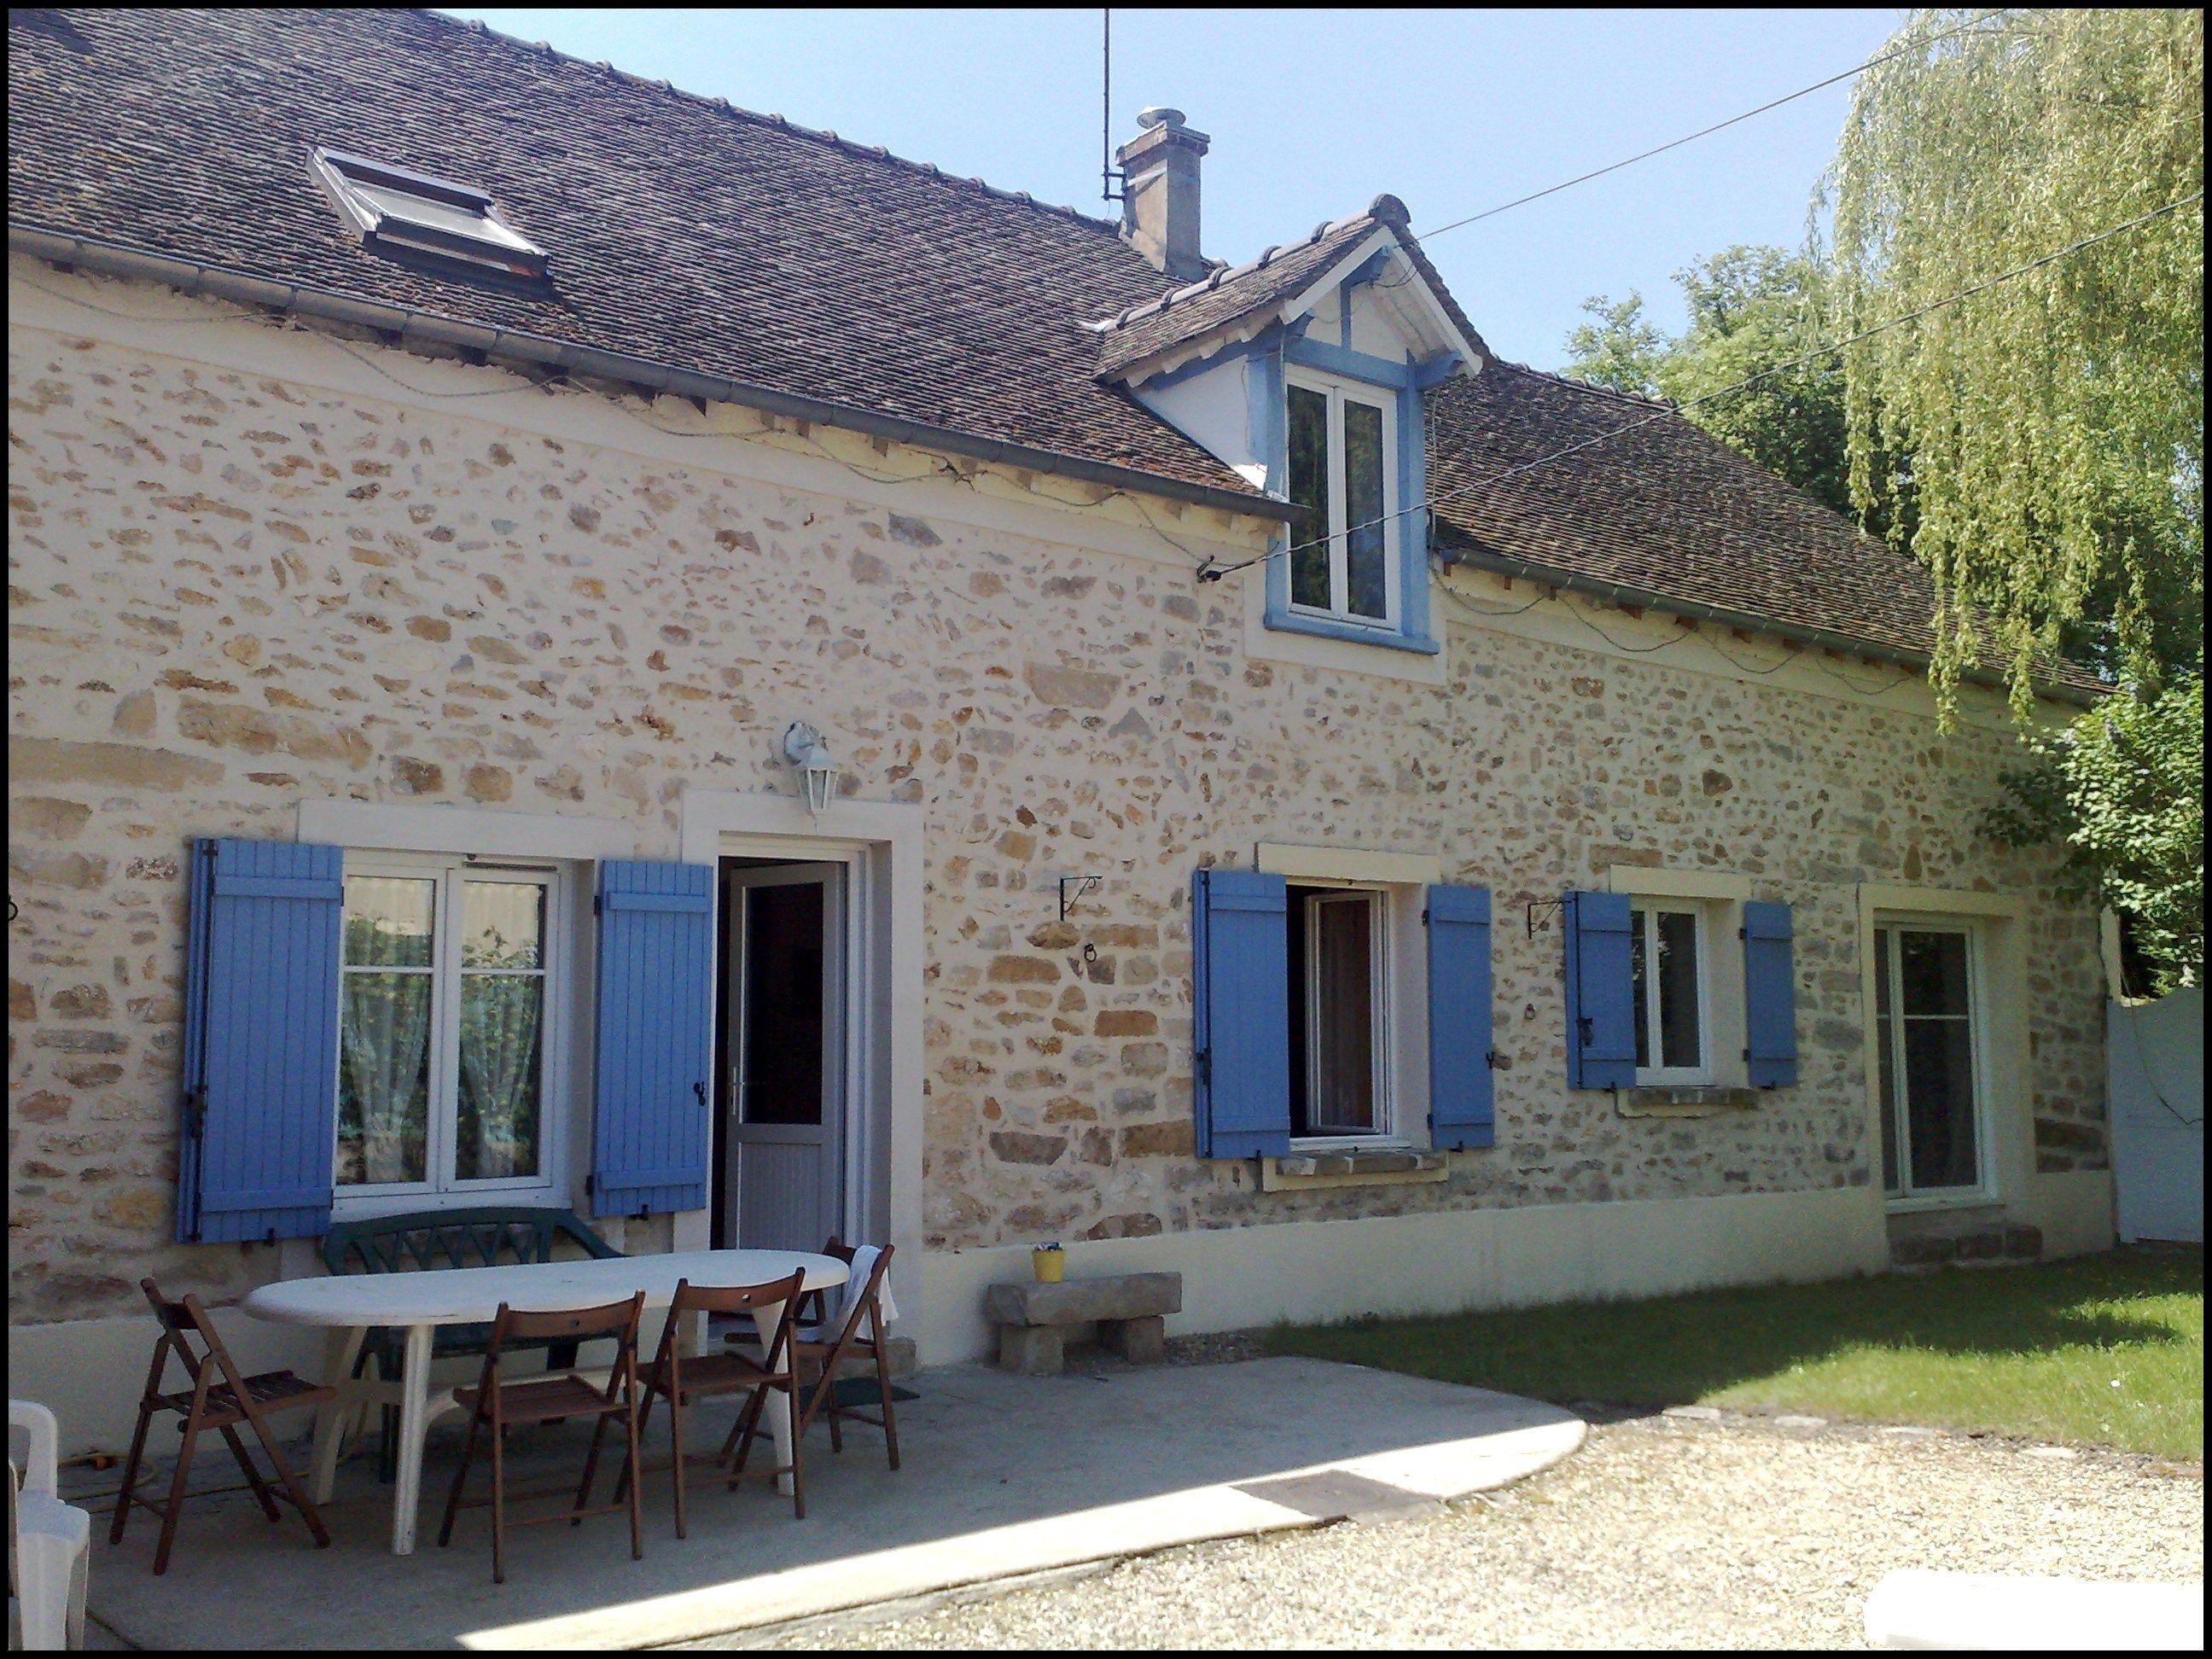 New Le Bon Coin 76 Maison A Vendre Outdoor Decor Patio Home